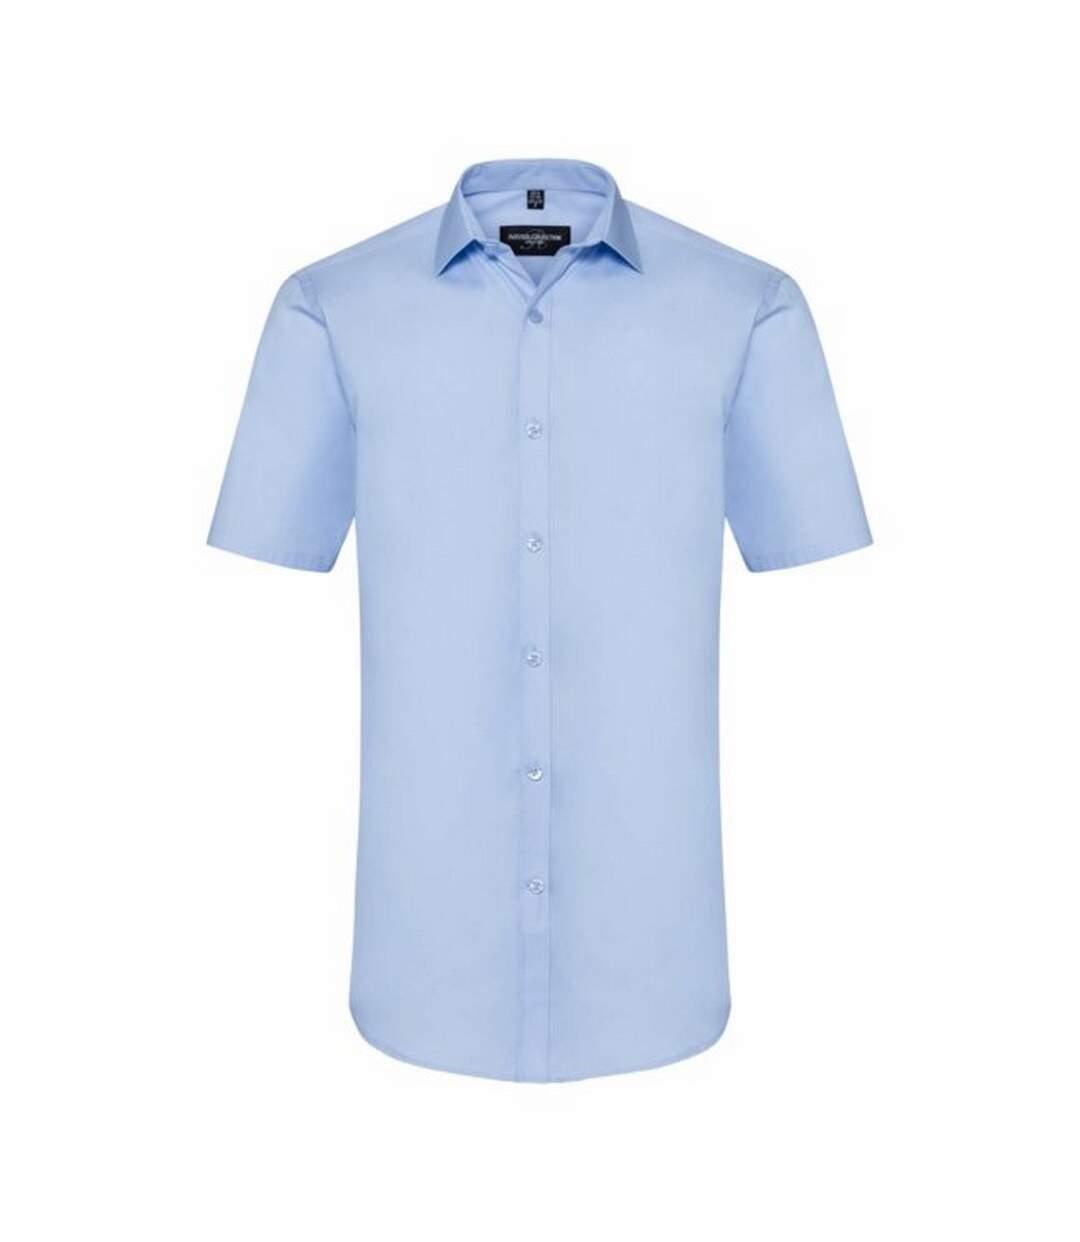 Russell Mens Short Sleeve Stretch Moisture Management Work Shirt (Bright Sky) - UTBC2739